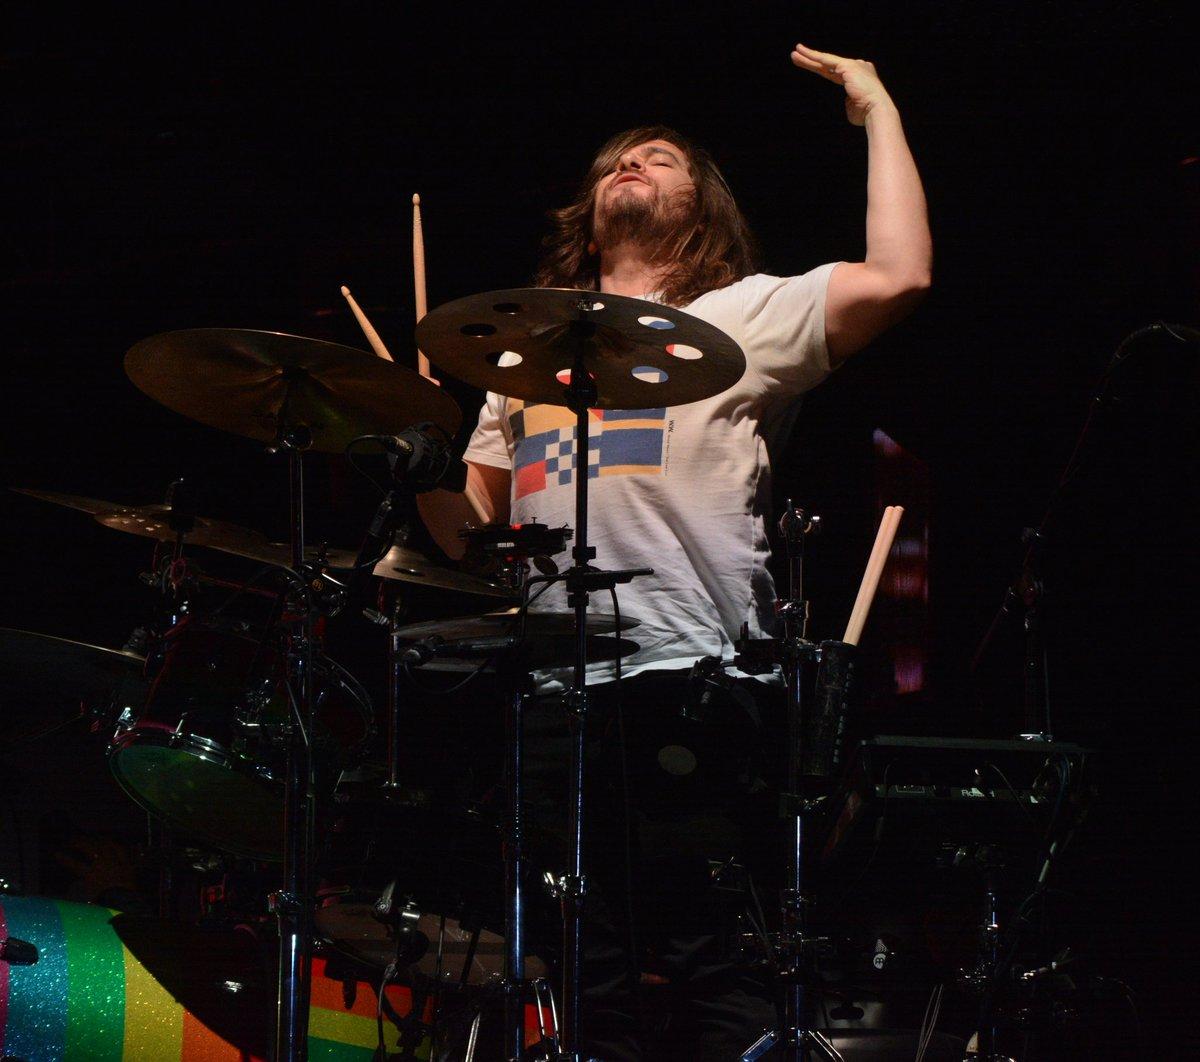 #qpm #quarterpastmidnight #badblood #survivin #wygd  #bastille #NOLA #NOLATwitter #rock #love #Saints #CFBPlayoff #doomdays #nataldrums #drummer #uk